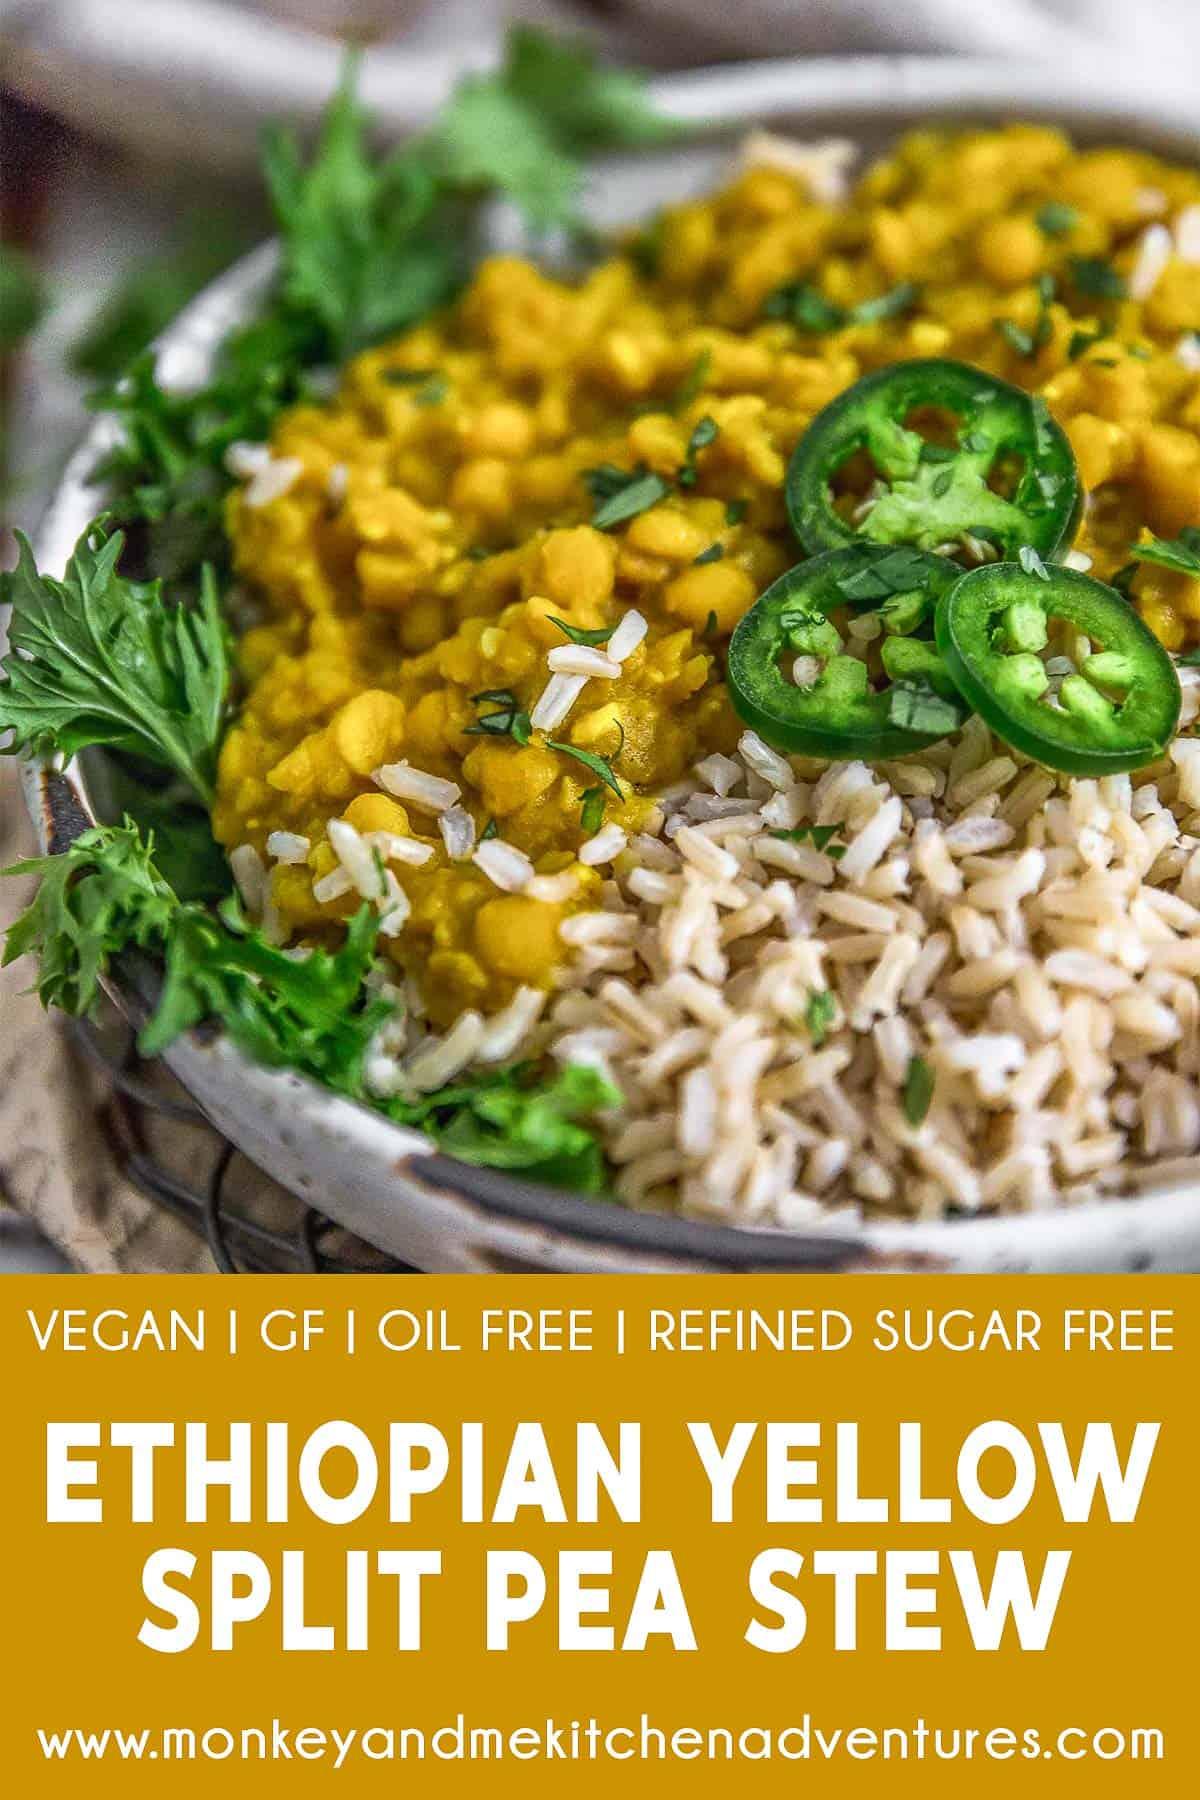 Ethiopian Yellow Split Pea Stew with Text Description